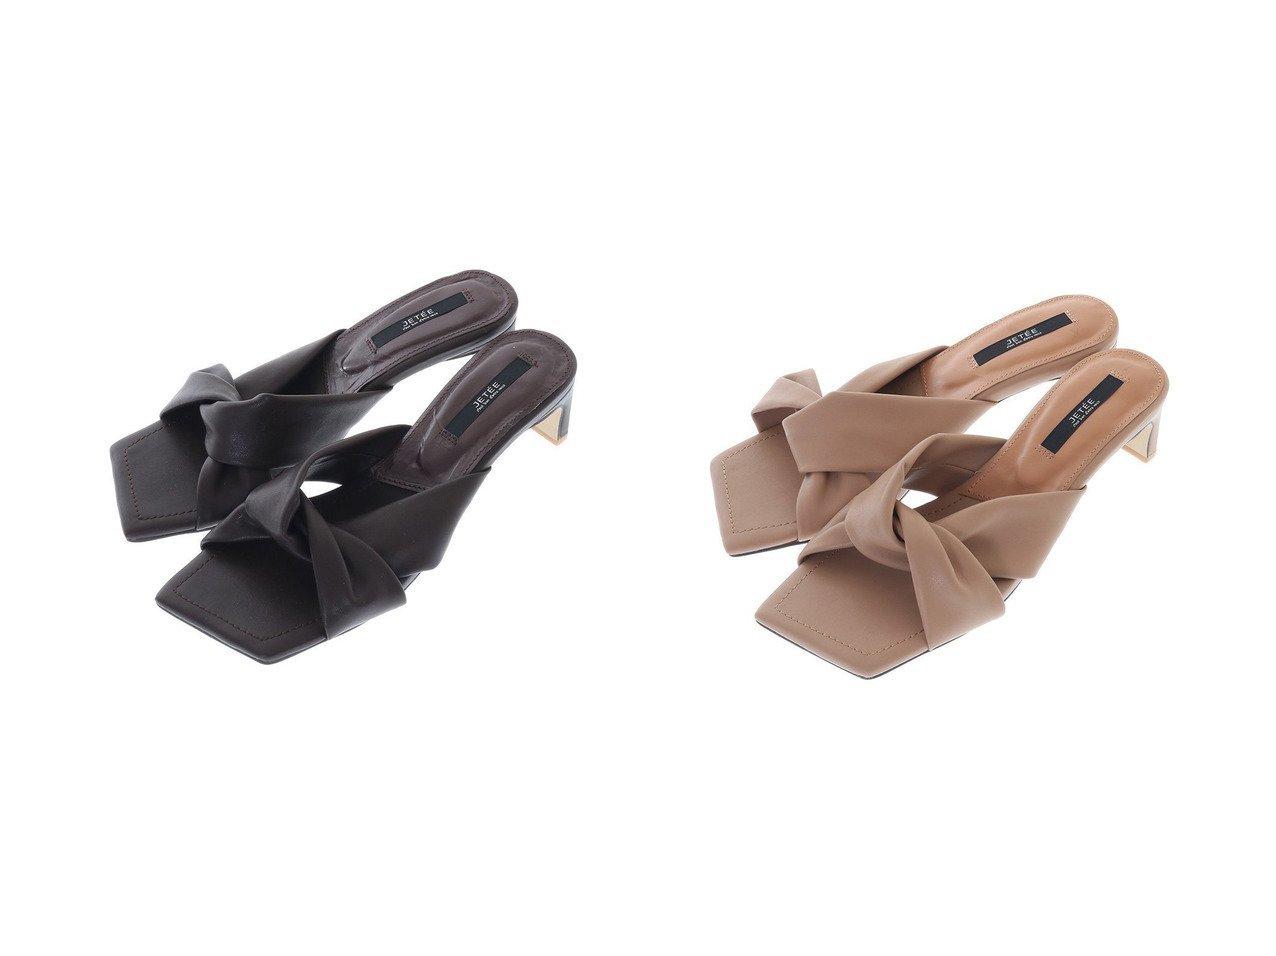 【The Virgnia/ザ ヴァージニア】の【JETTE】クロススクエアトゥサンダル シューズ・靴のおすすめ!人気、トレンド・レディースファッションの通販 おすすめで人気の流行・トレンド、ファッションの通販商品 メンズファッション・キッズファッション・インテリア・家具・レディースファッション・服の通販 founy(ファニー) https://founy.com/ ファッション Fashion レディースファッション WOMEN 2021年 2021 2021 春夏 S/S SS Spring/Summer 2021 S/S 春夏 SS Spring/Summer サンダル トレンド ミュール 春 Spring |ID:crp329100000025321